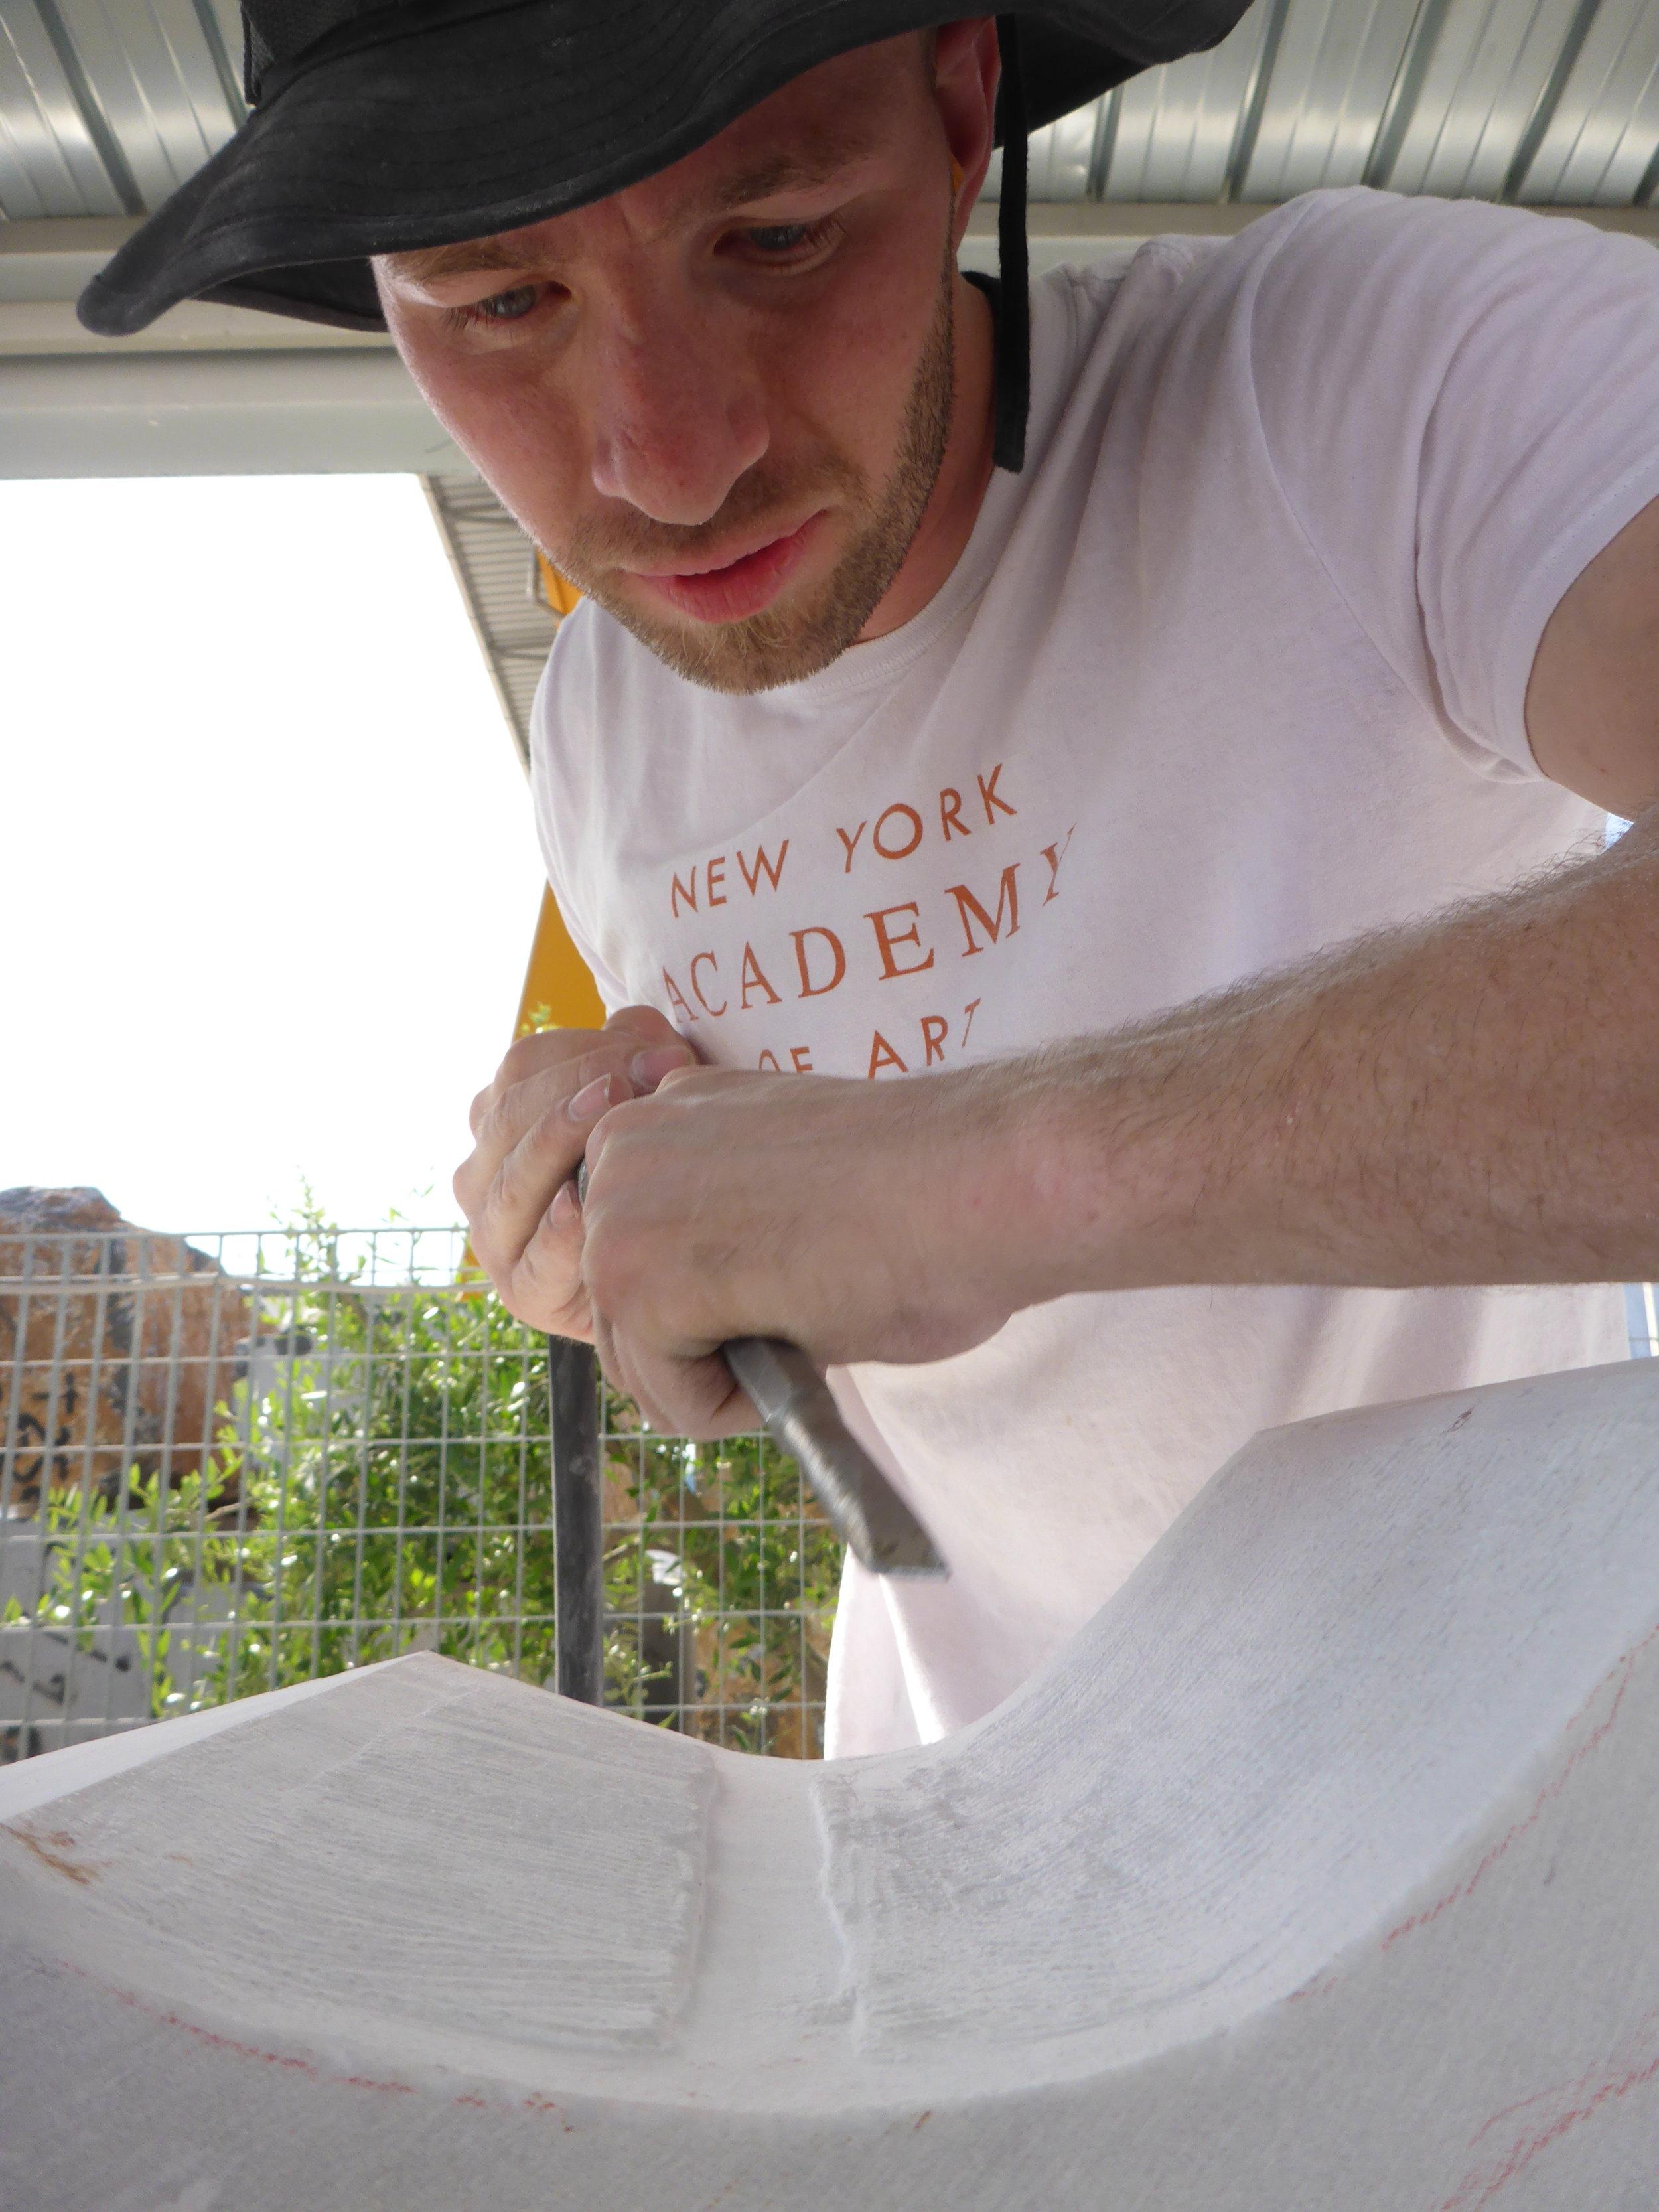 New-York-Academy-of-Art-Carrara-Residency-Josh-Henderson-Heena-Kim20140607_0120.JPG